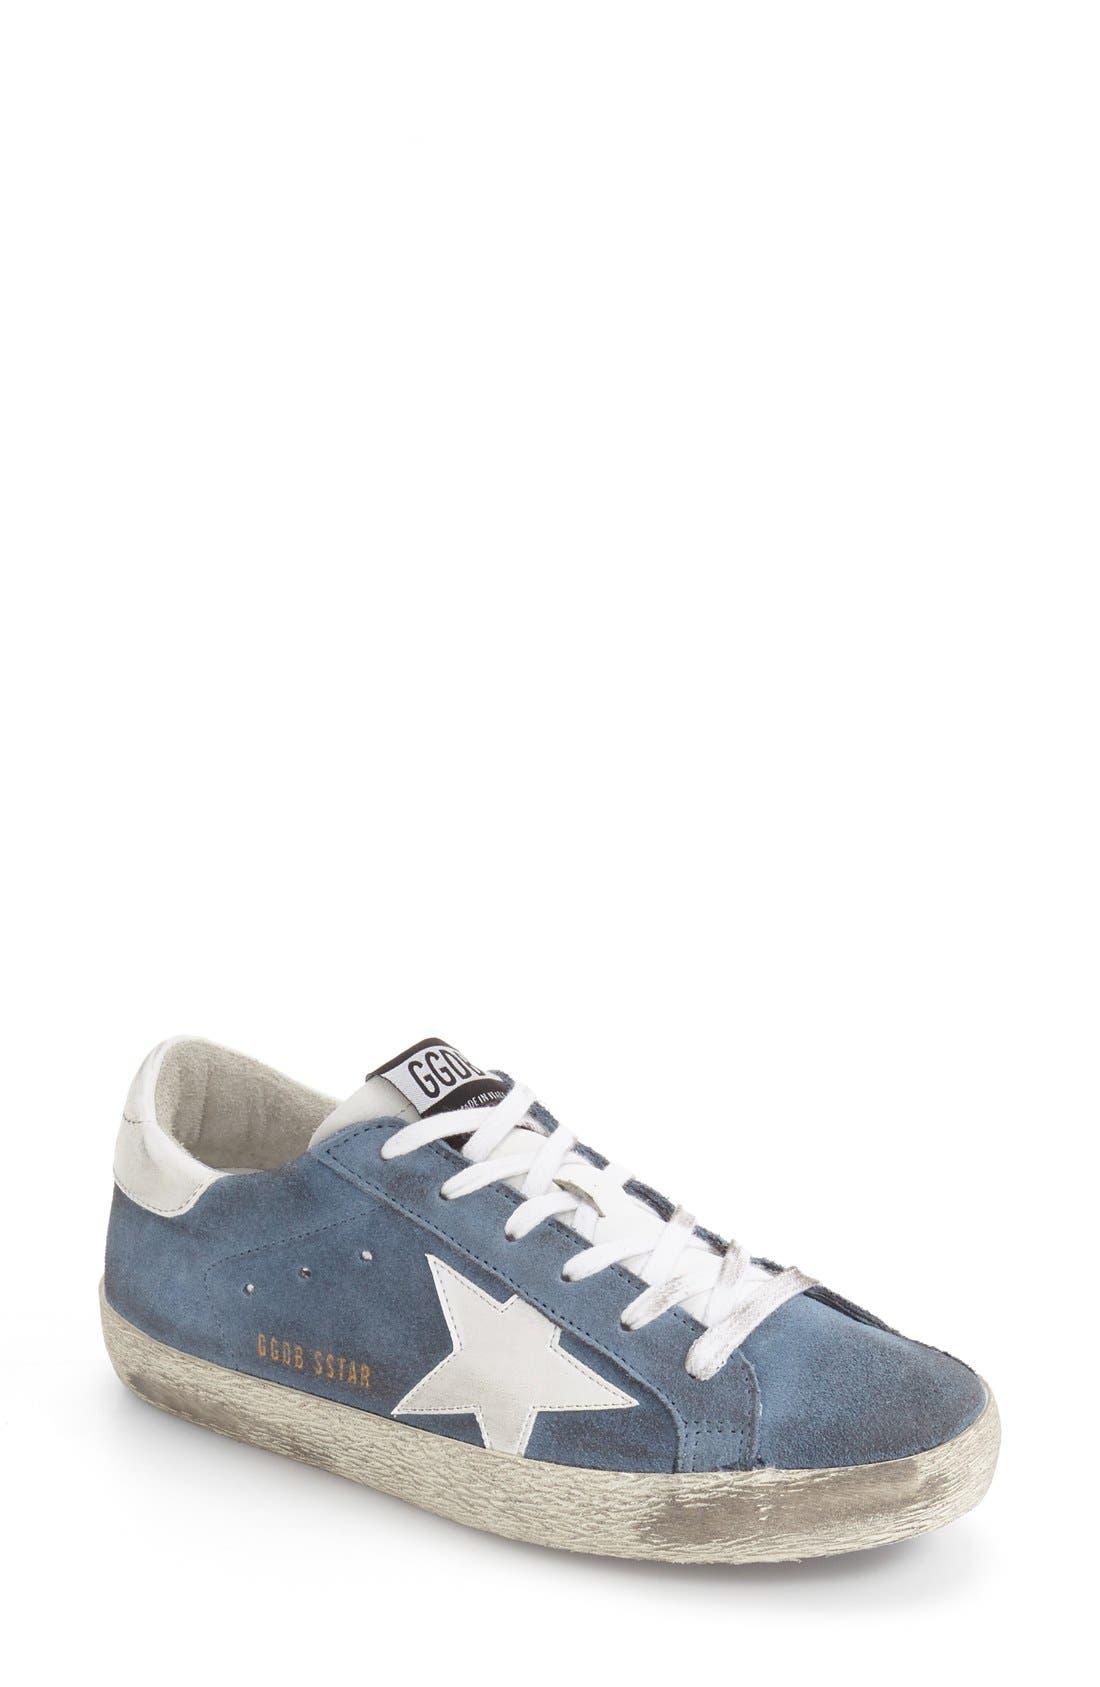 Alternate Image 1 Selected - Golden Goose 'Superstar' Low Top Sneaker (Women)